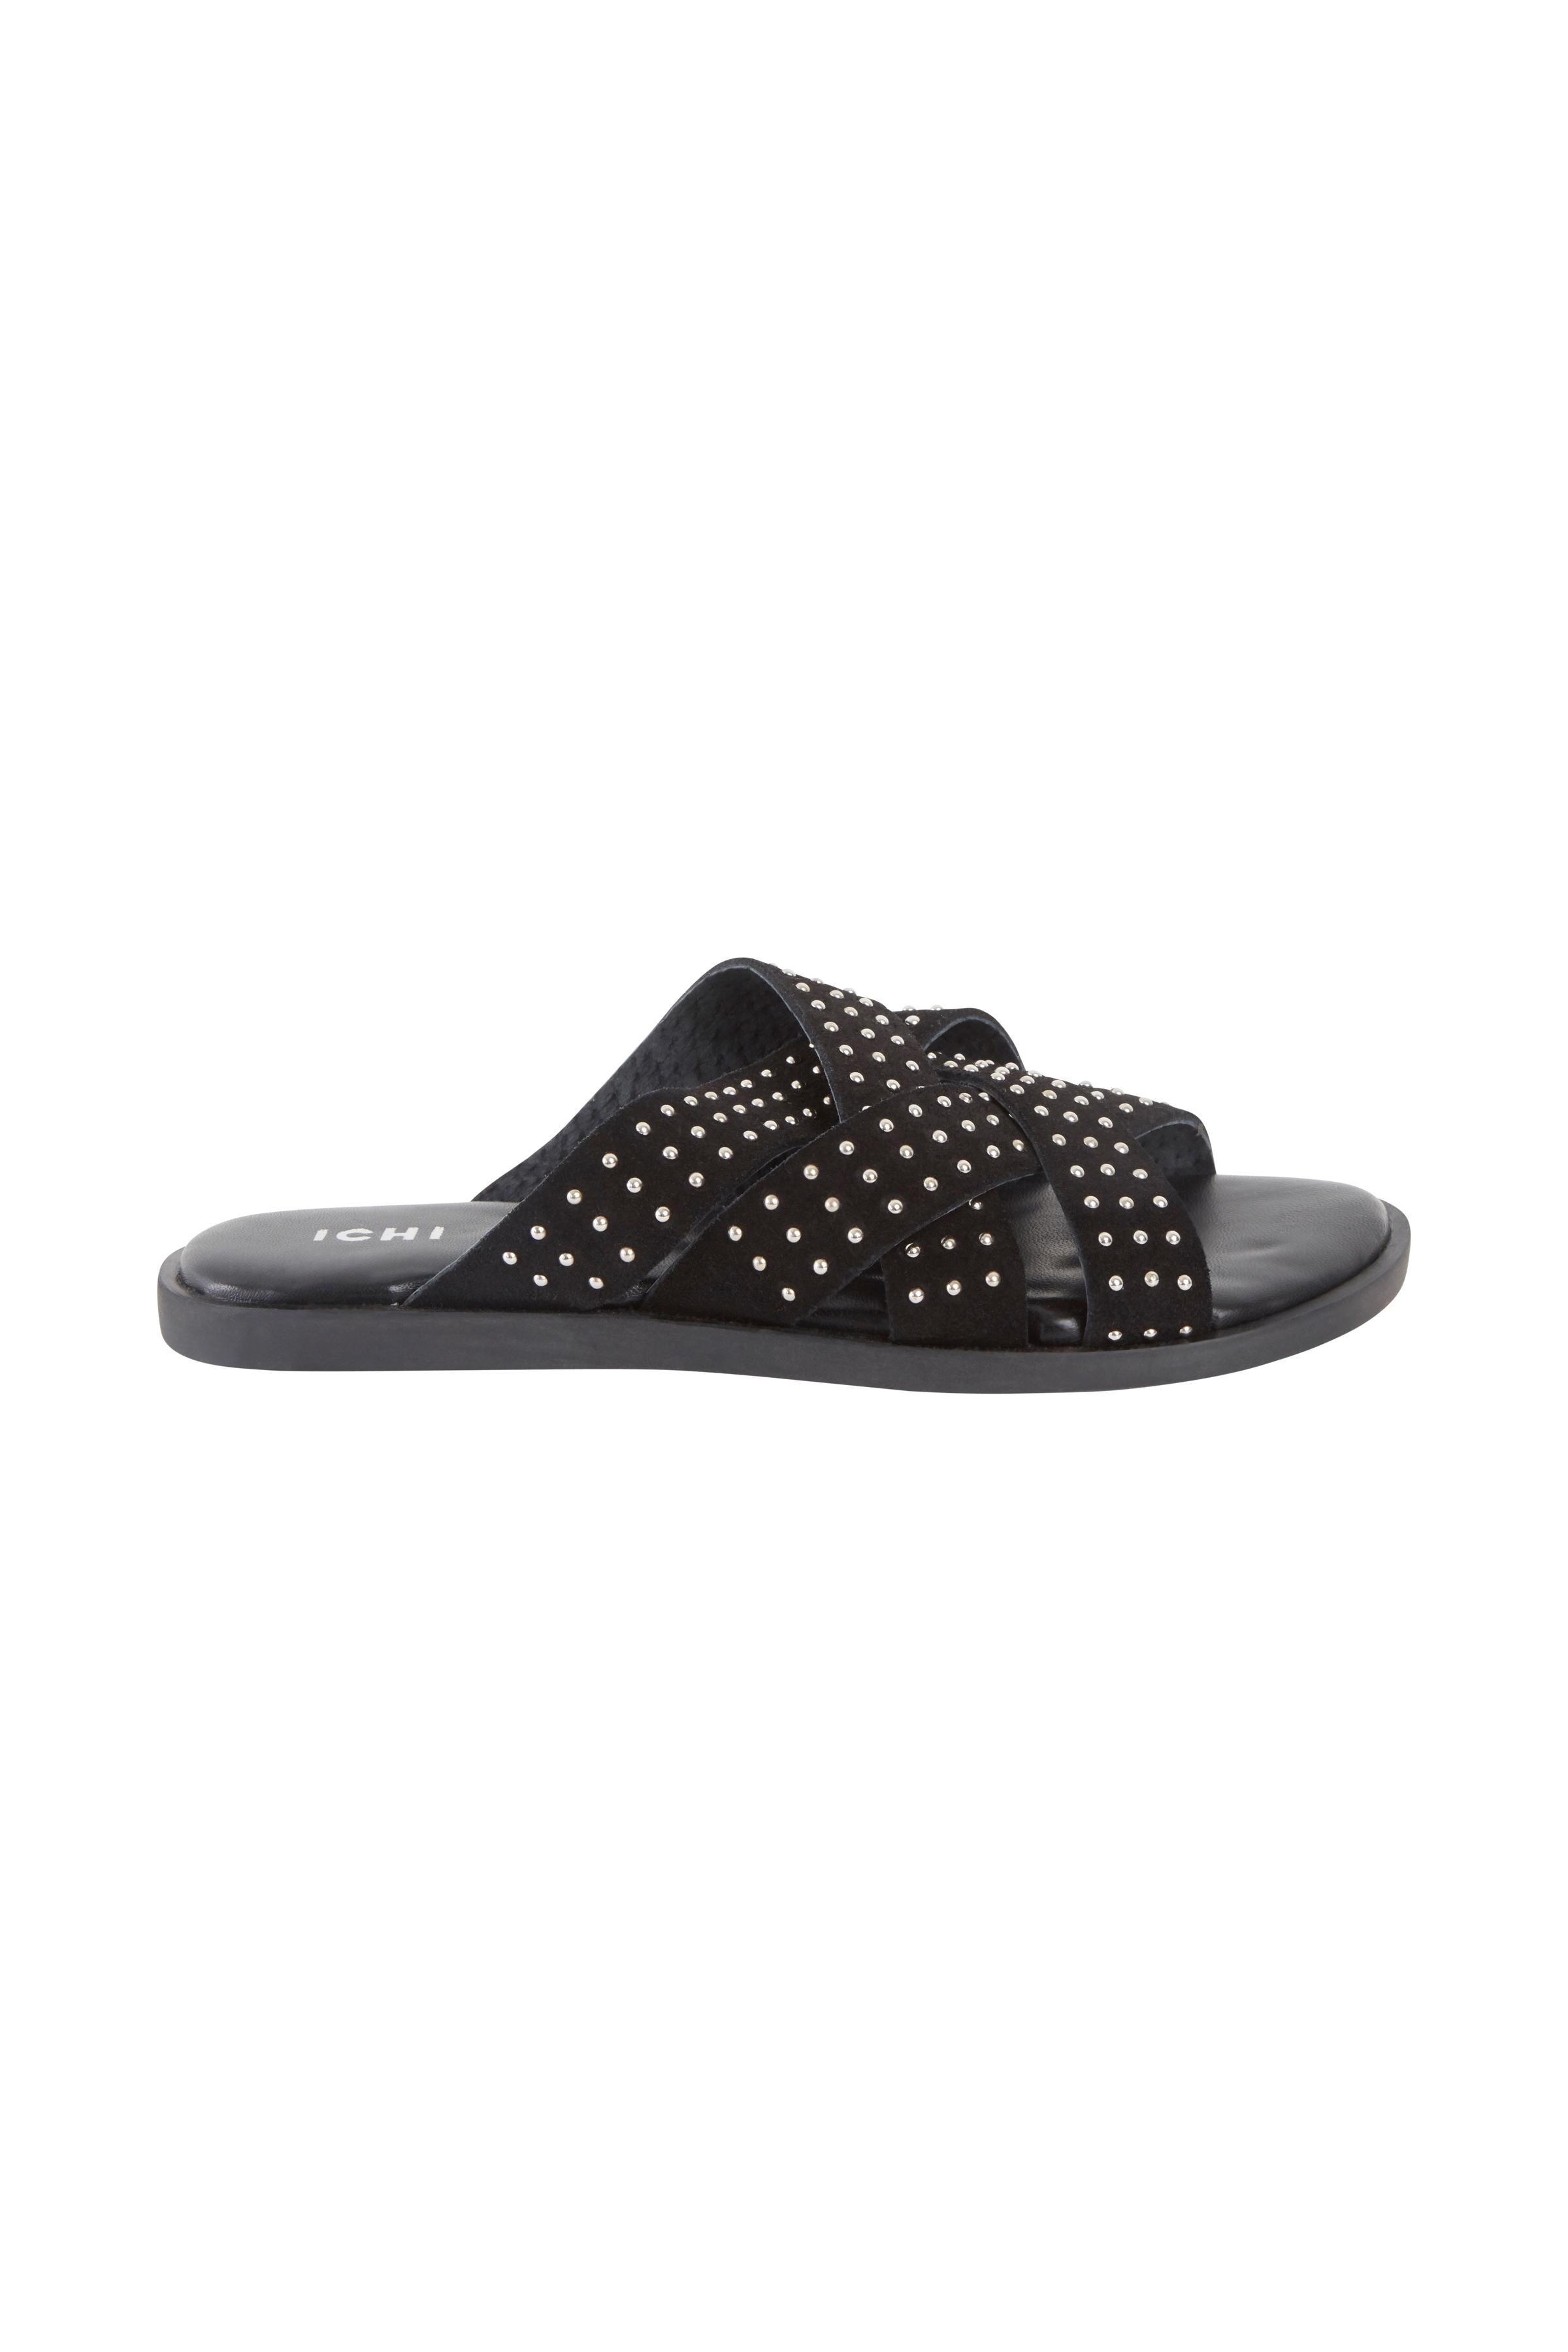 Ichi - accessories Dame Flotte flade Cairo sandaler - Sort